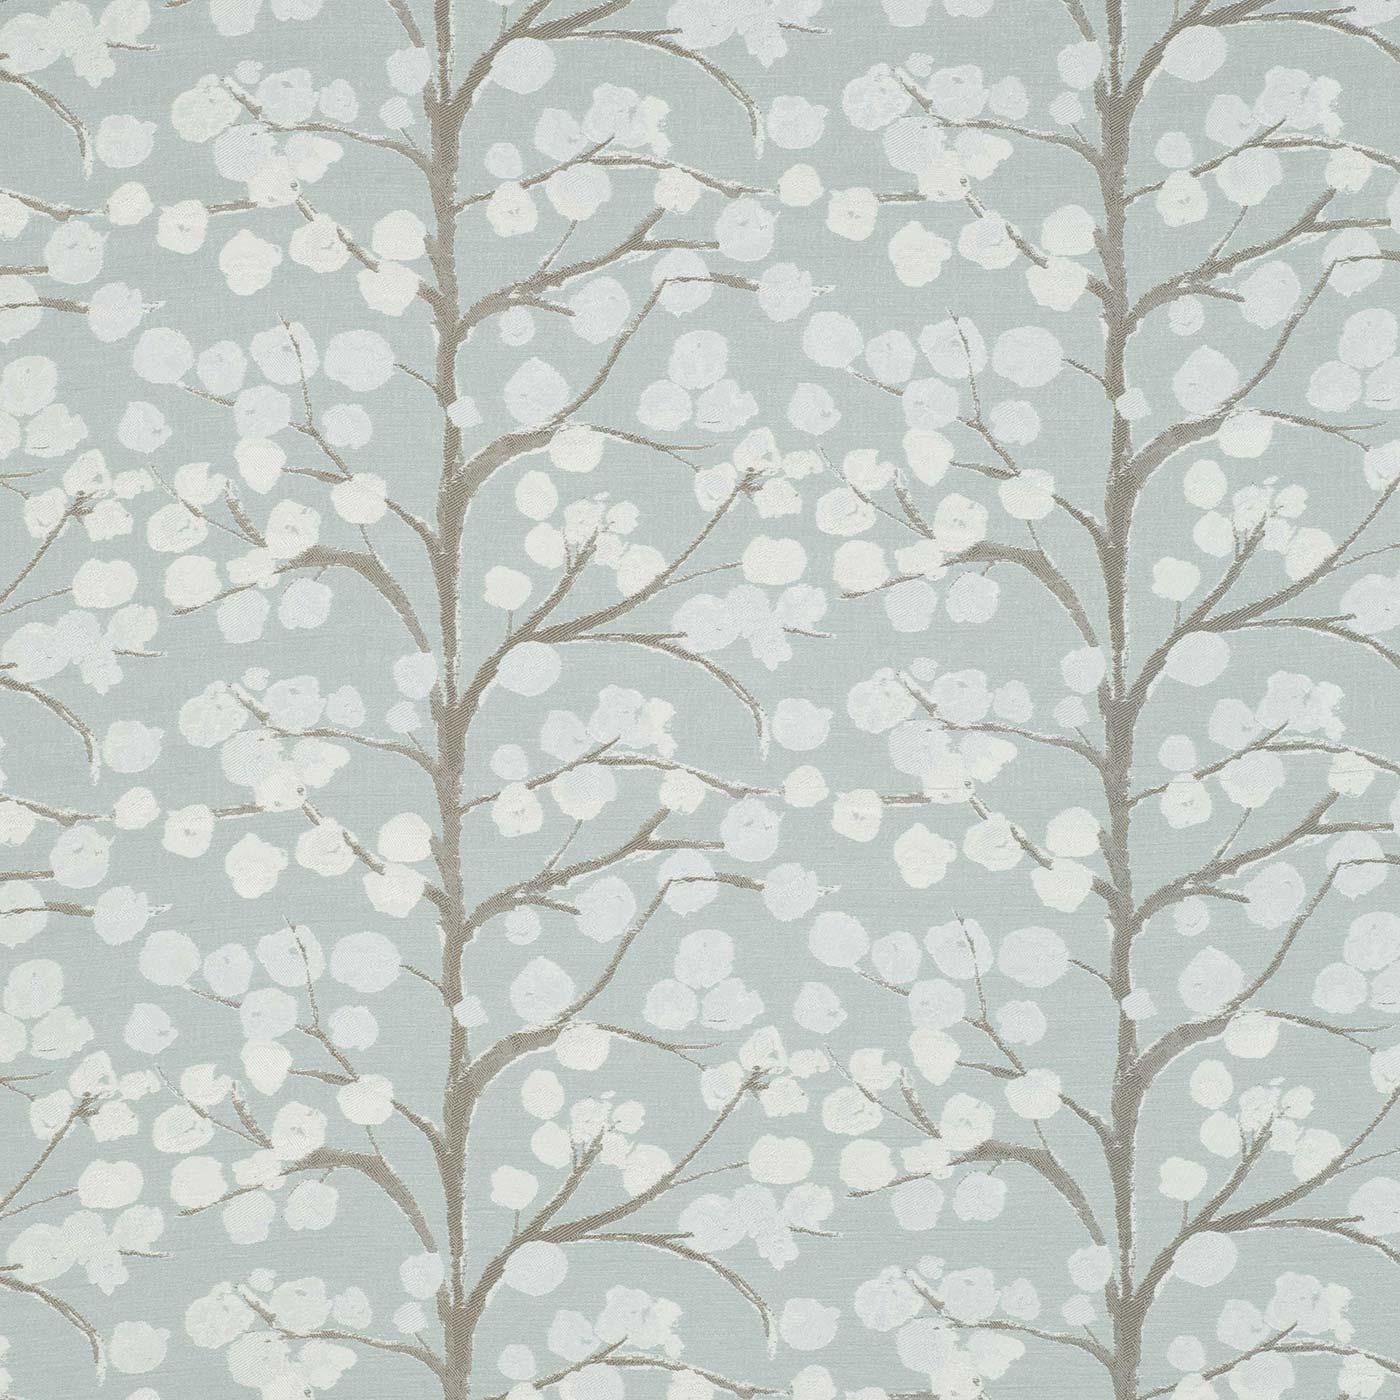 Topola Cotton - Sample - VOTO02